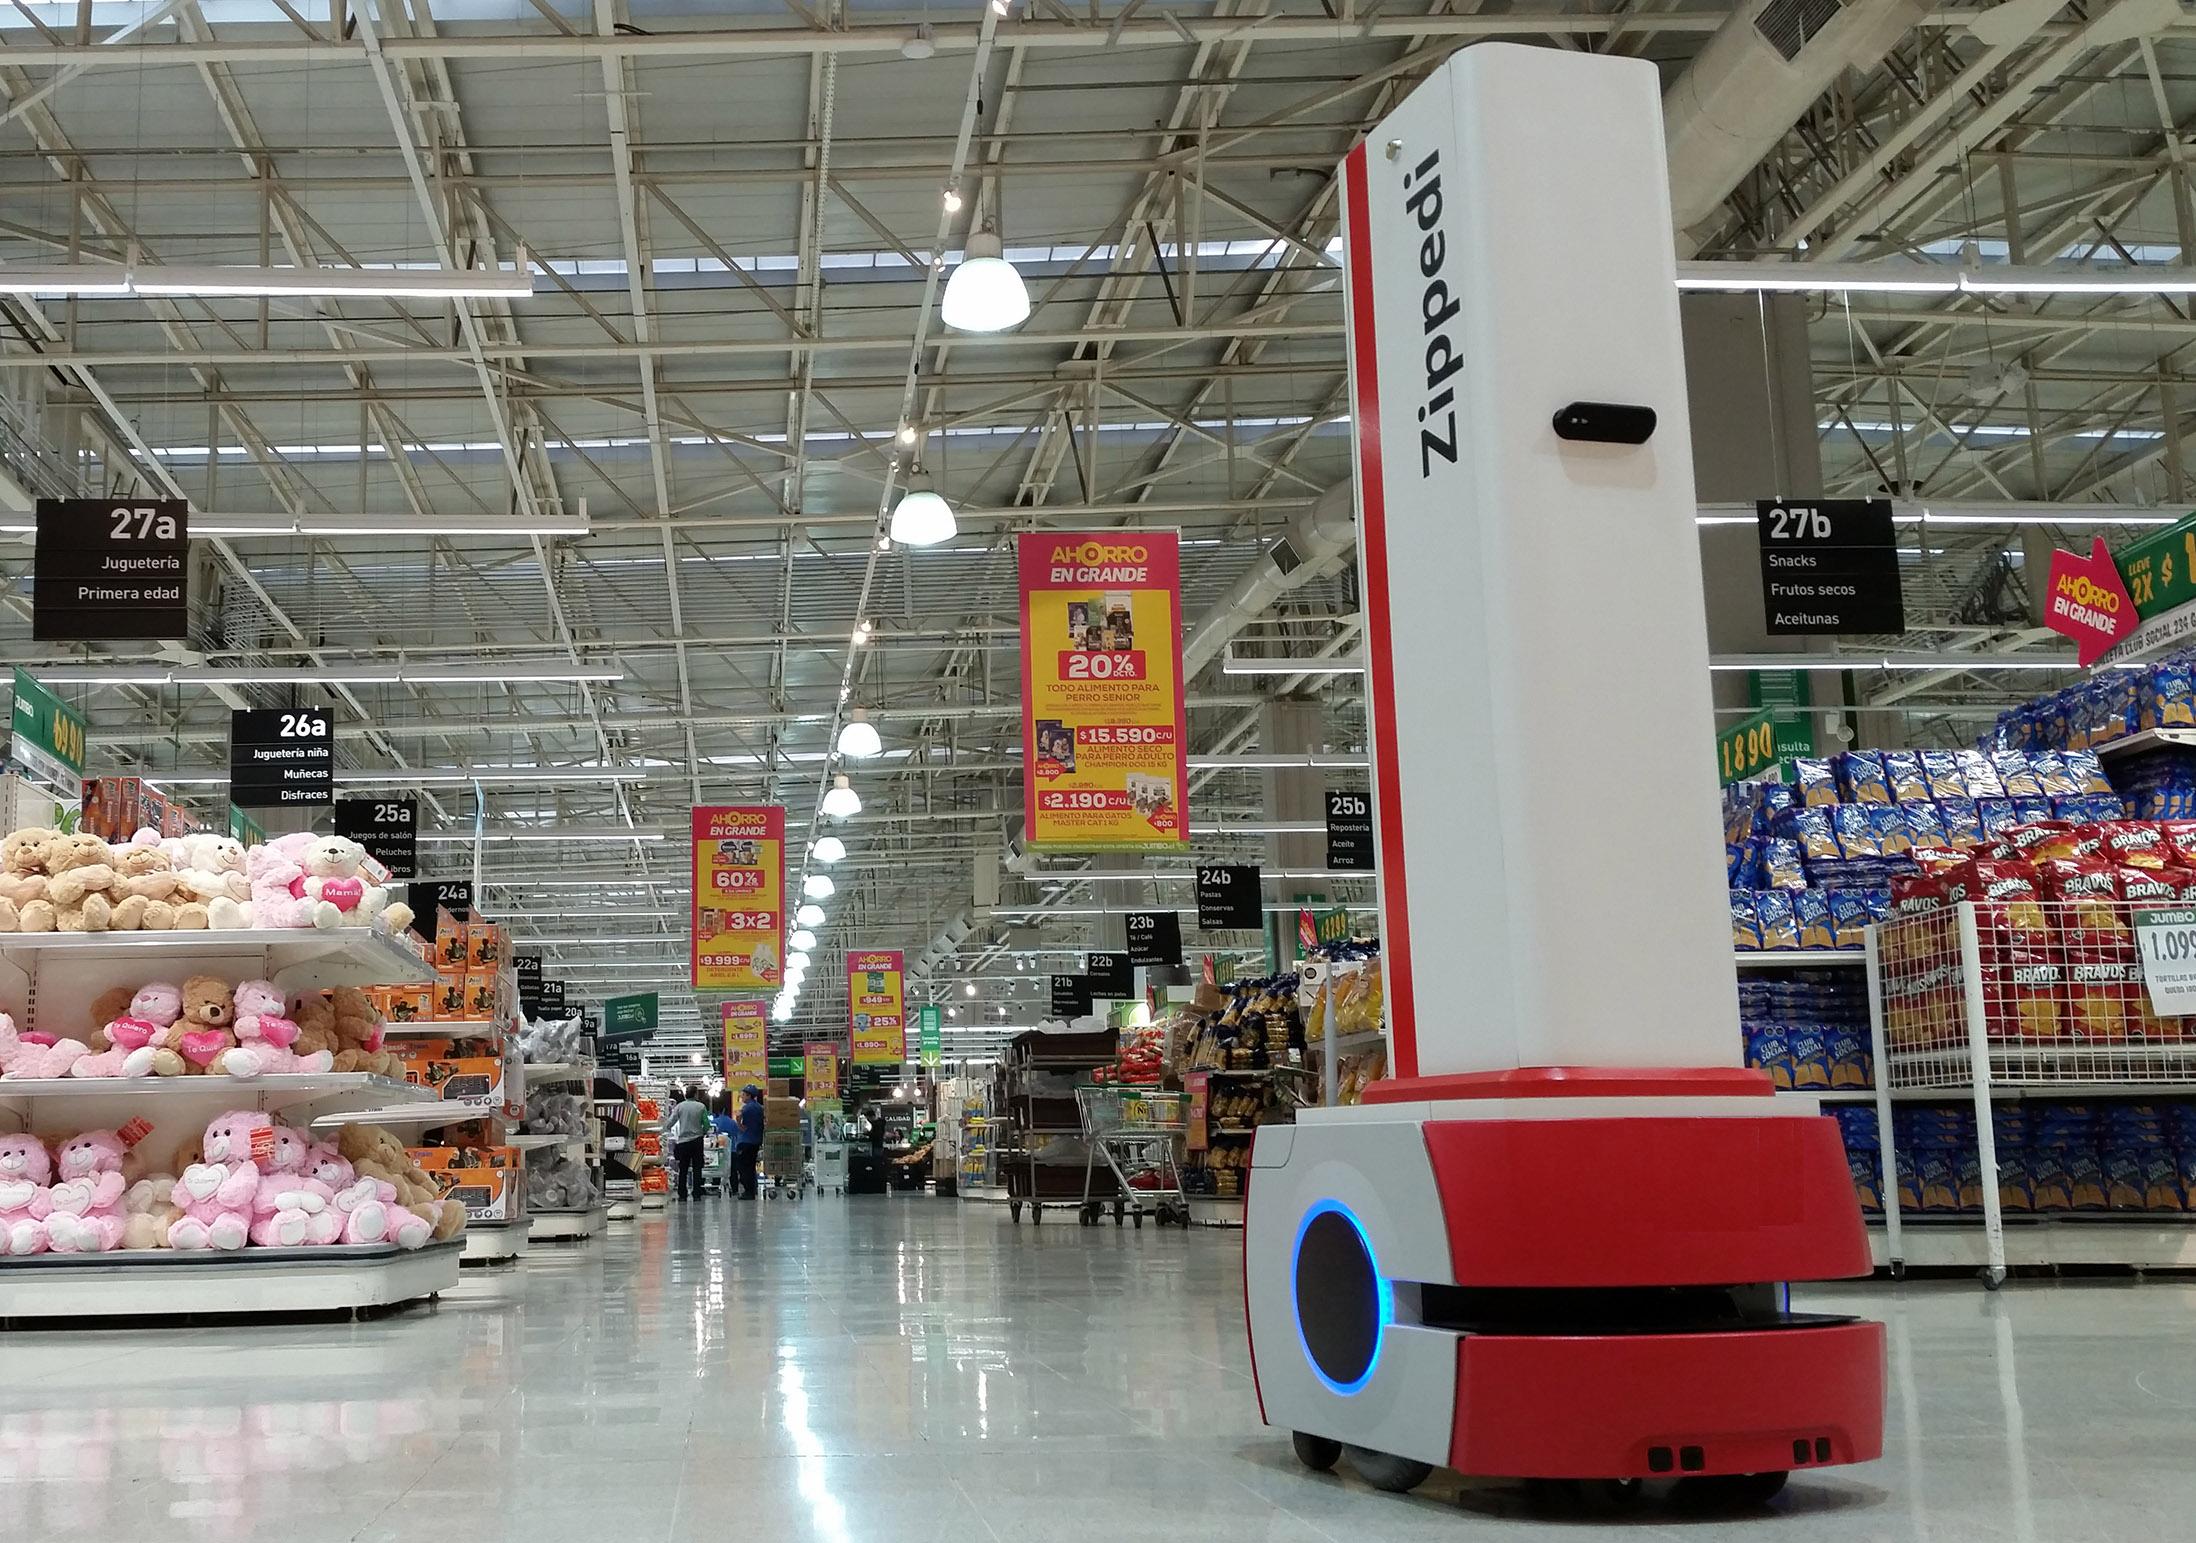 Crean el primer robot chileno con inteligencia artificial para trabajar en supermercados